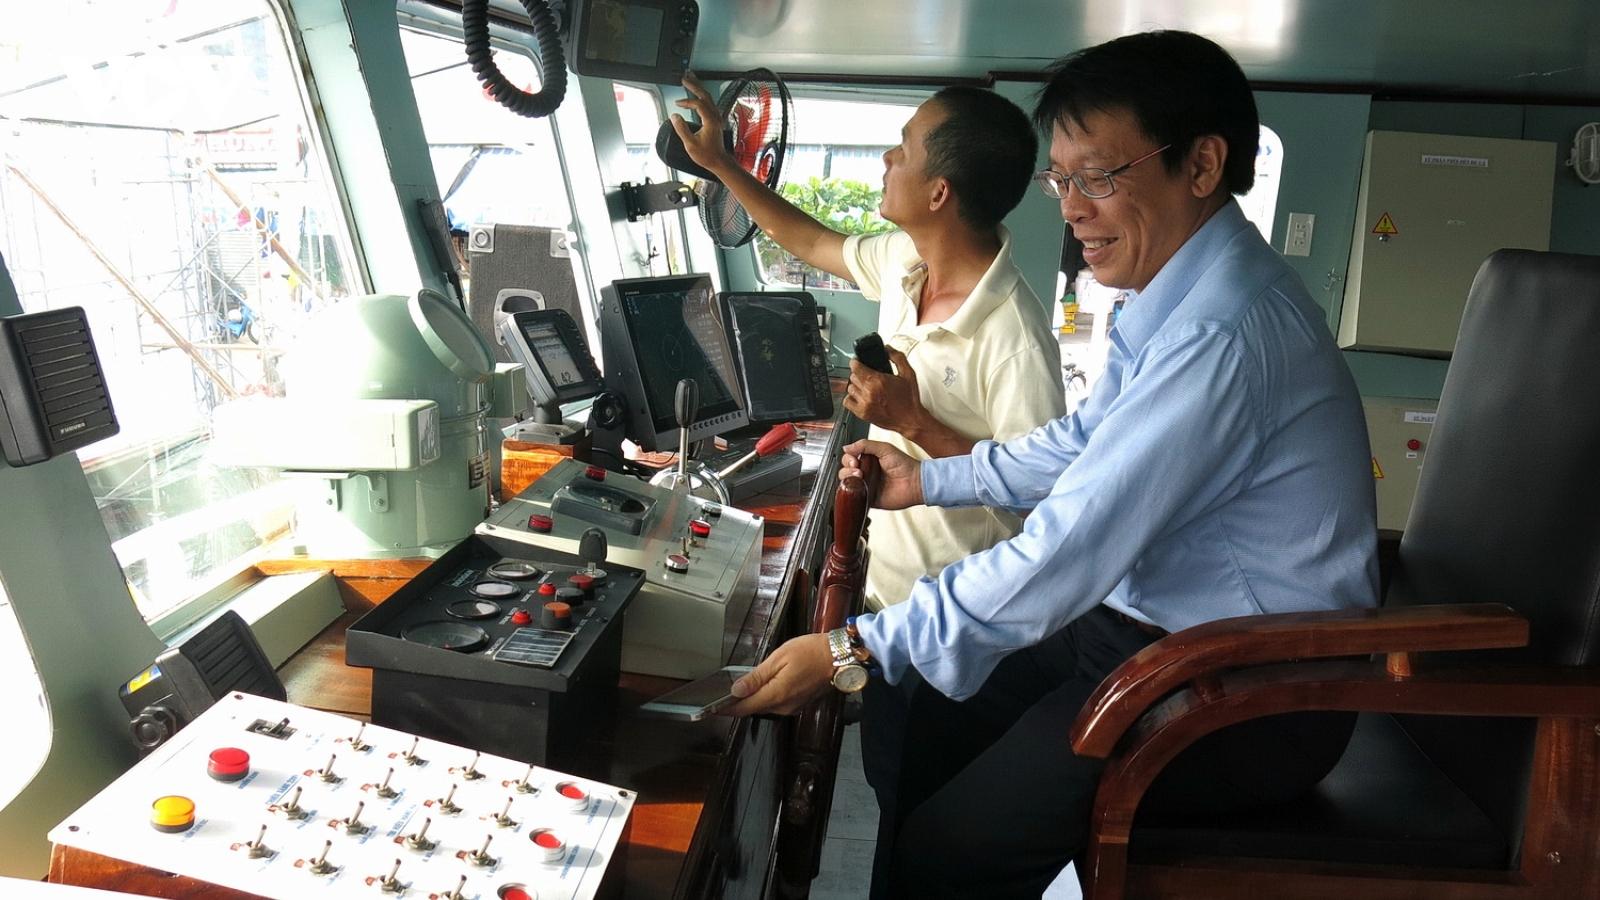 Thực hiện quy định chức danh tàu cá theo Thông tư 22: Ngư dân gặp nhiều khó khăn